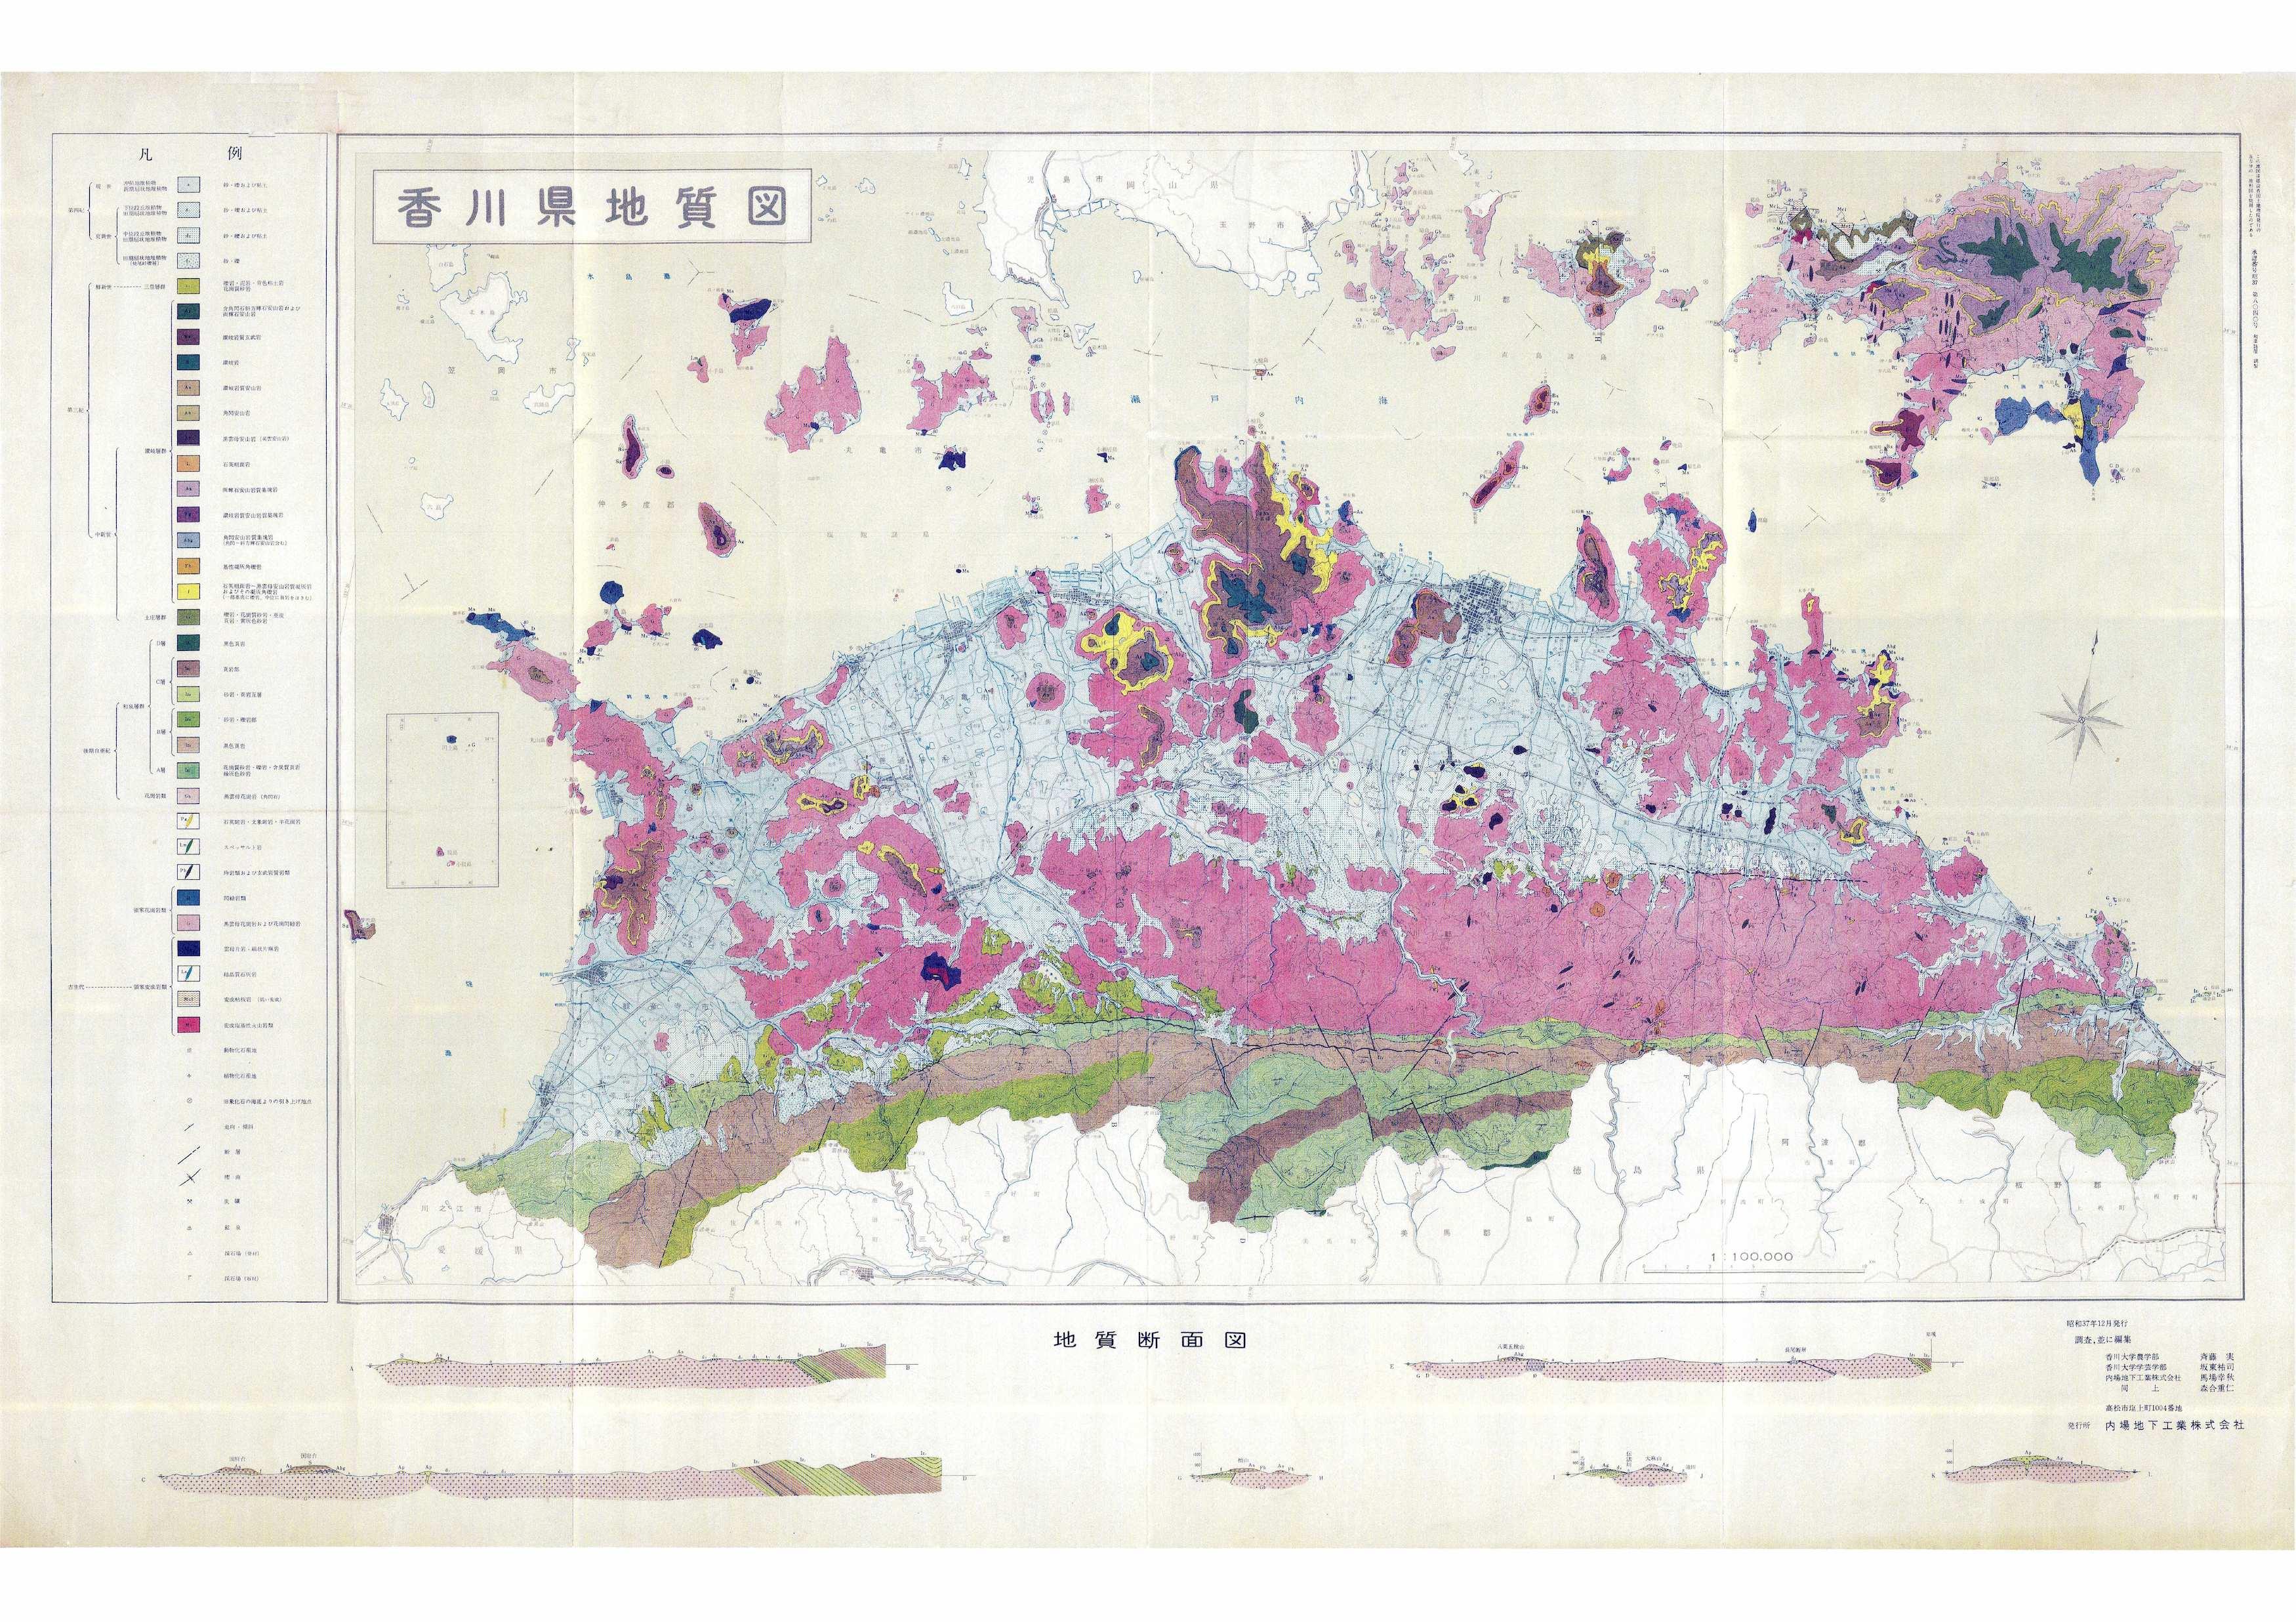 香川県地質図